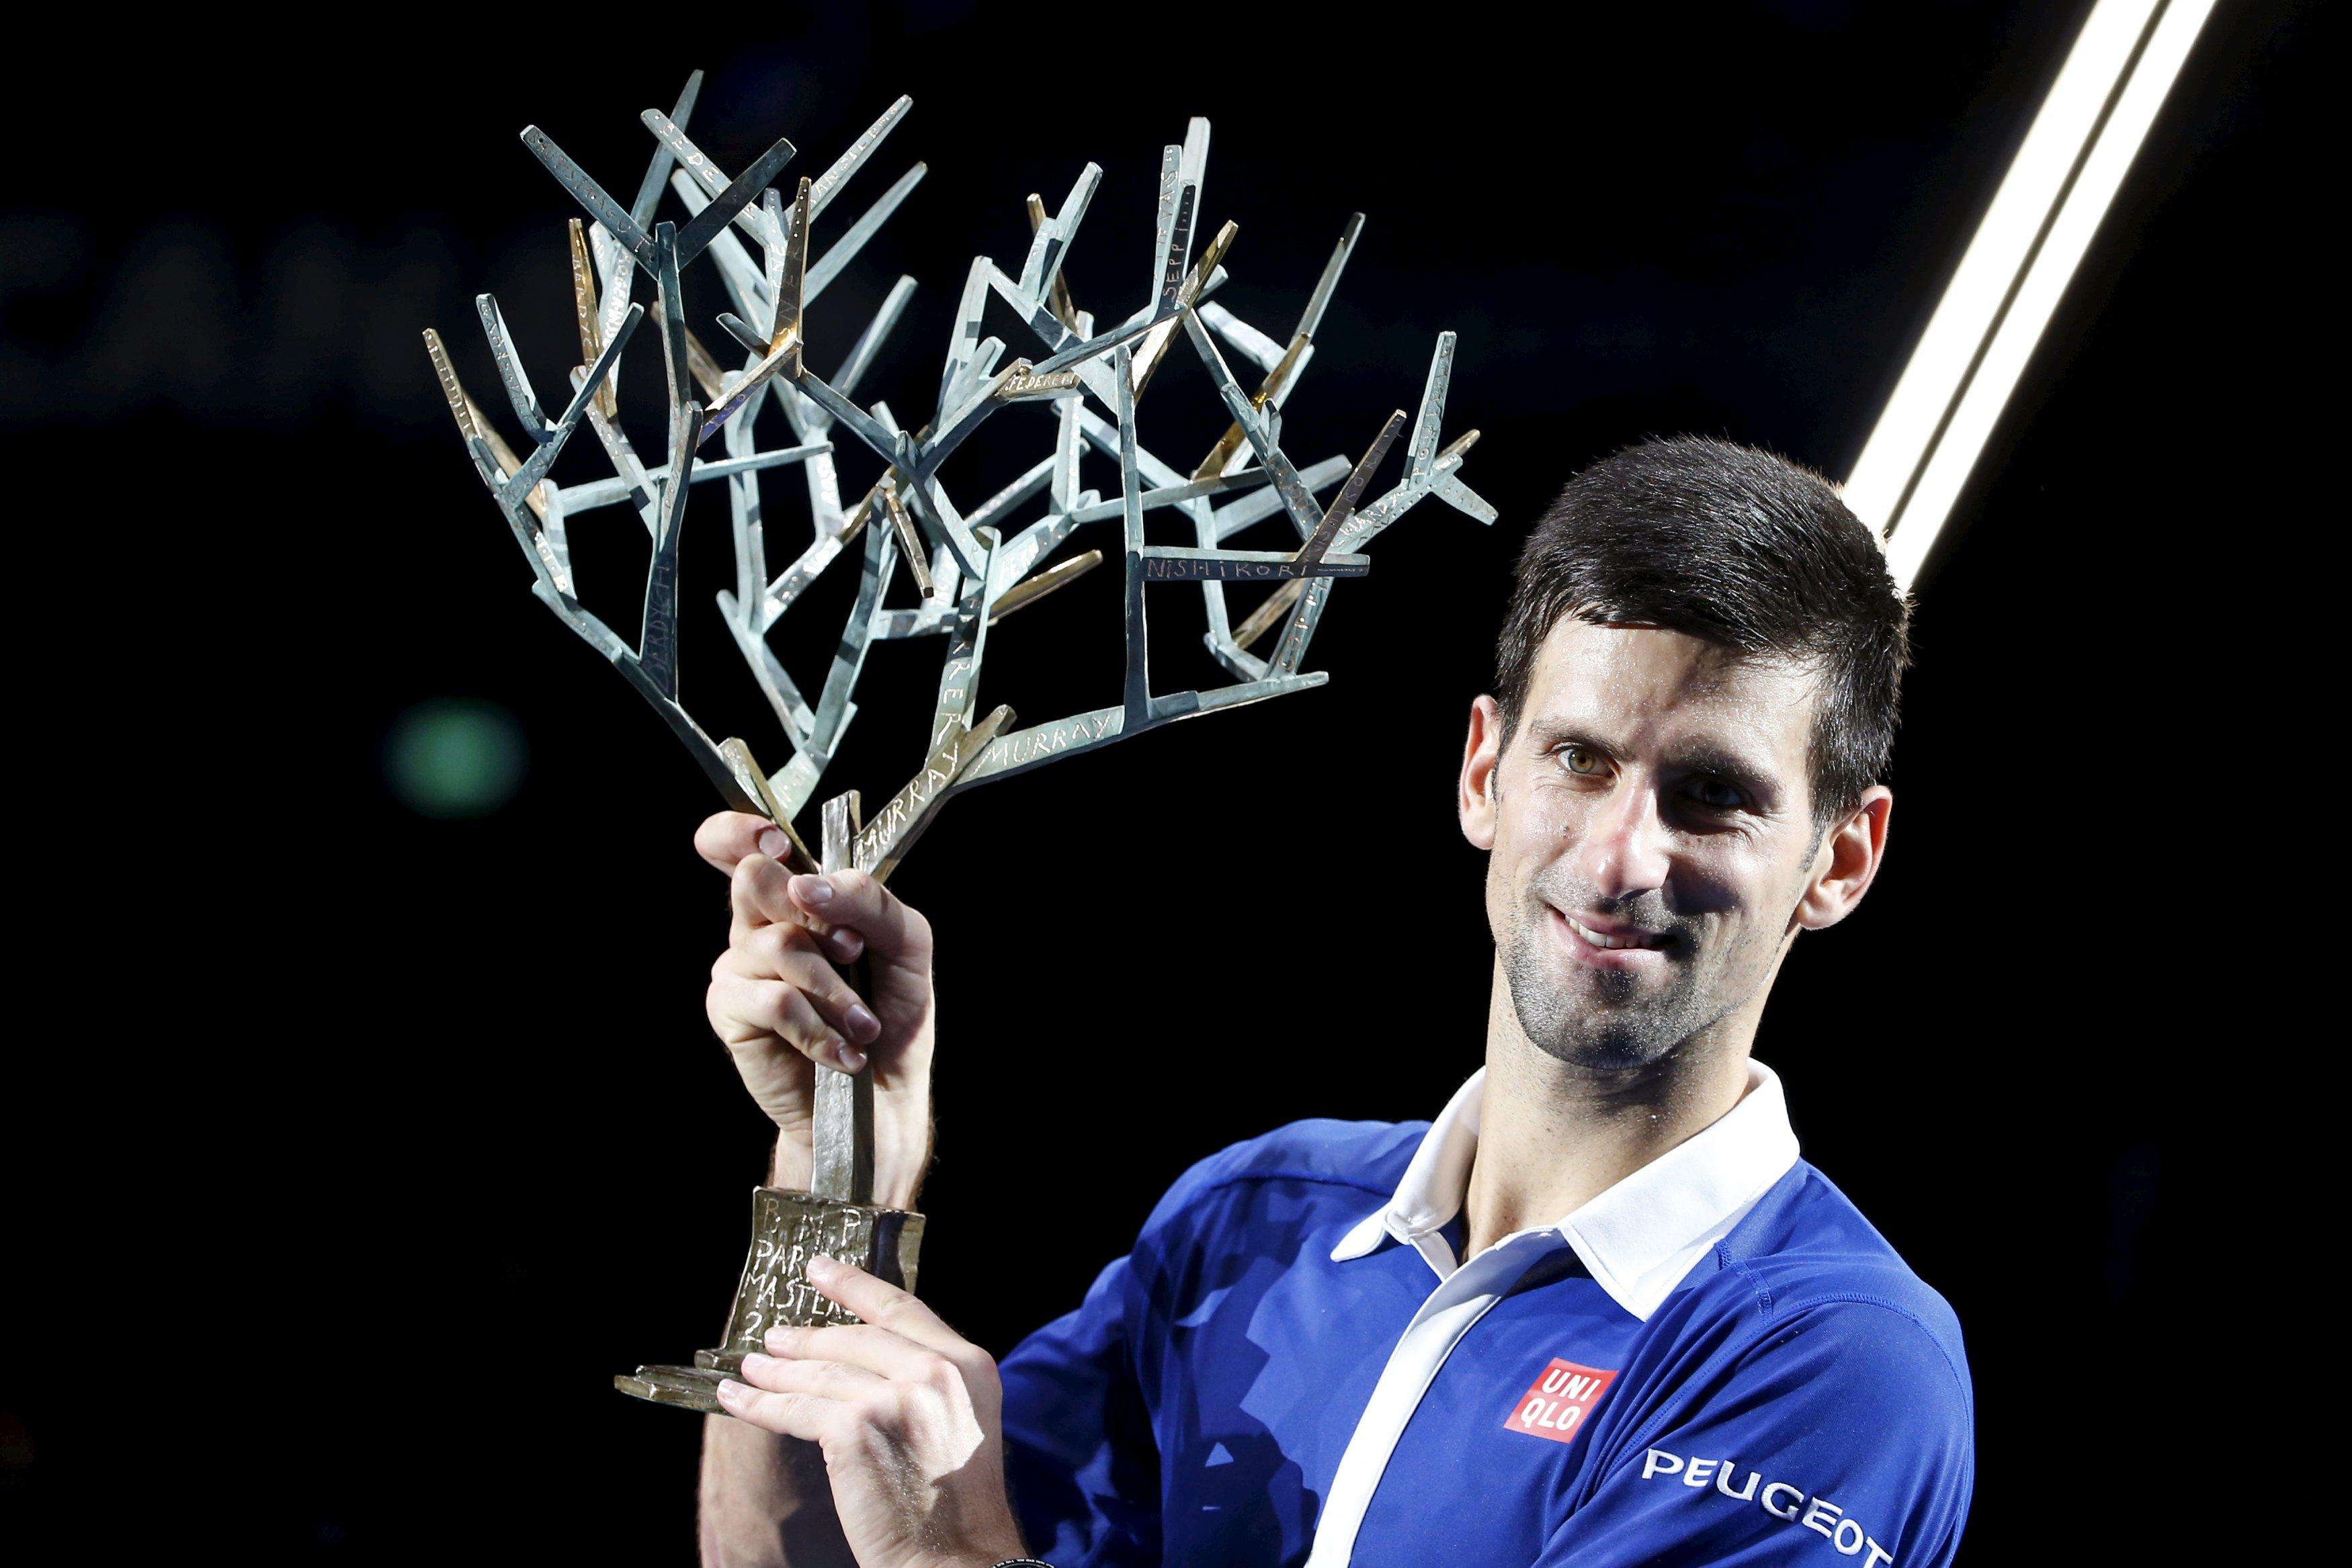 Petenis peringkat satu dunia Noval Djokovic dari Serbia mengangkat pialanya setelah mengalahkan petenis Inggris Andy Murray di final tunggal putra di Turnamen Paris Masters, Minggu (8/11). Pencapaian brilian Djokovic seolah membawanya ke dimensi lain saat Djokovic menjadi orang pertama yang memenangkan titel Masters dalam satu tahun dengan mengalahkan Andy Murray  6-2 6-4 di Paris. REUTERS/Charles Platiau.